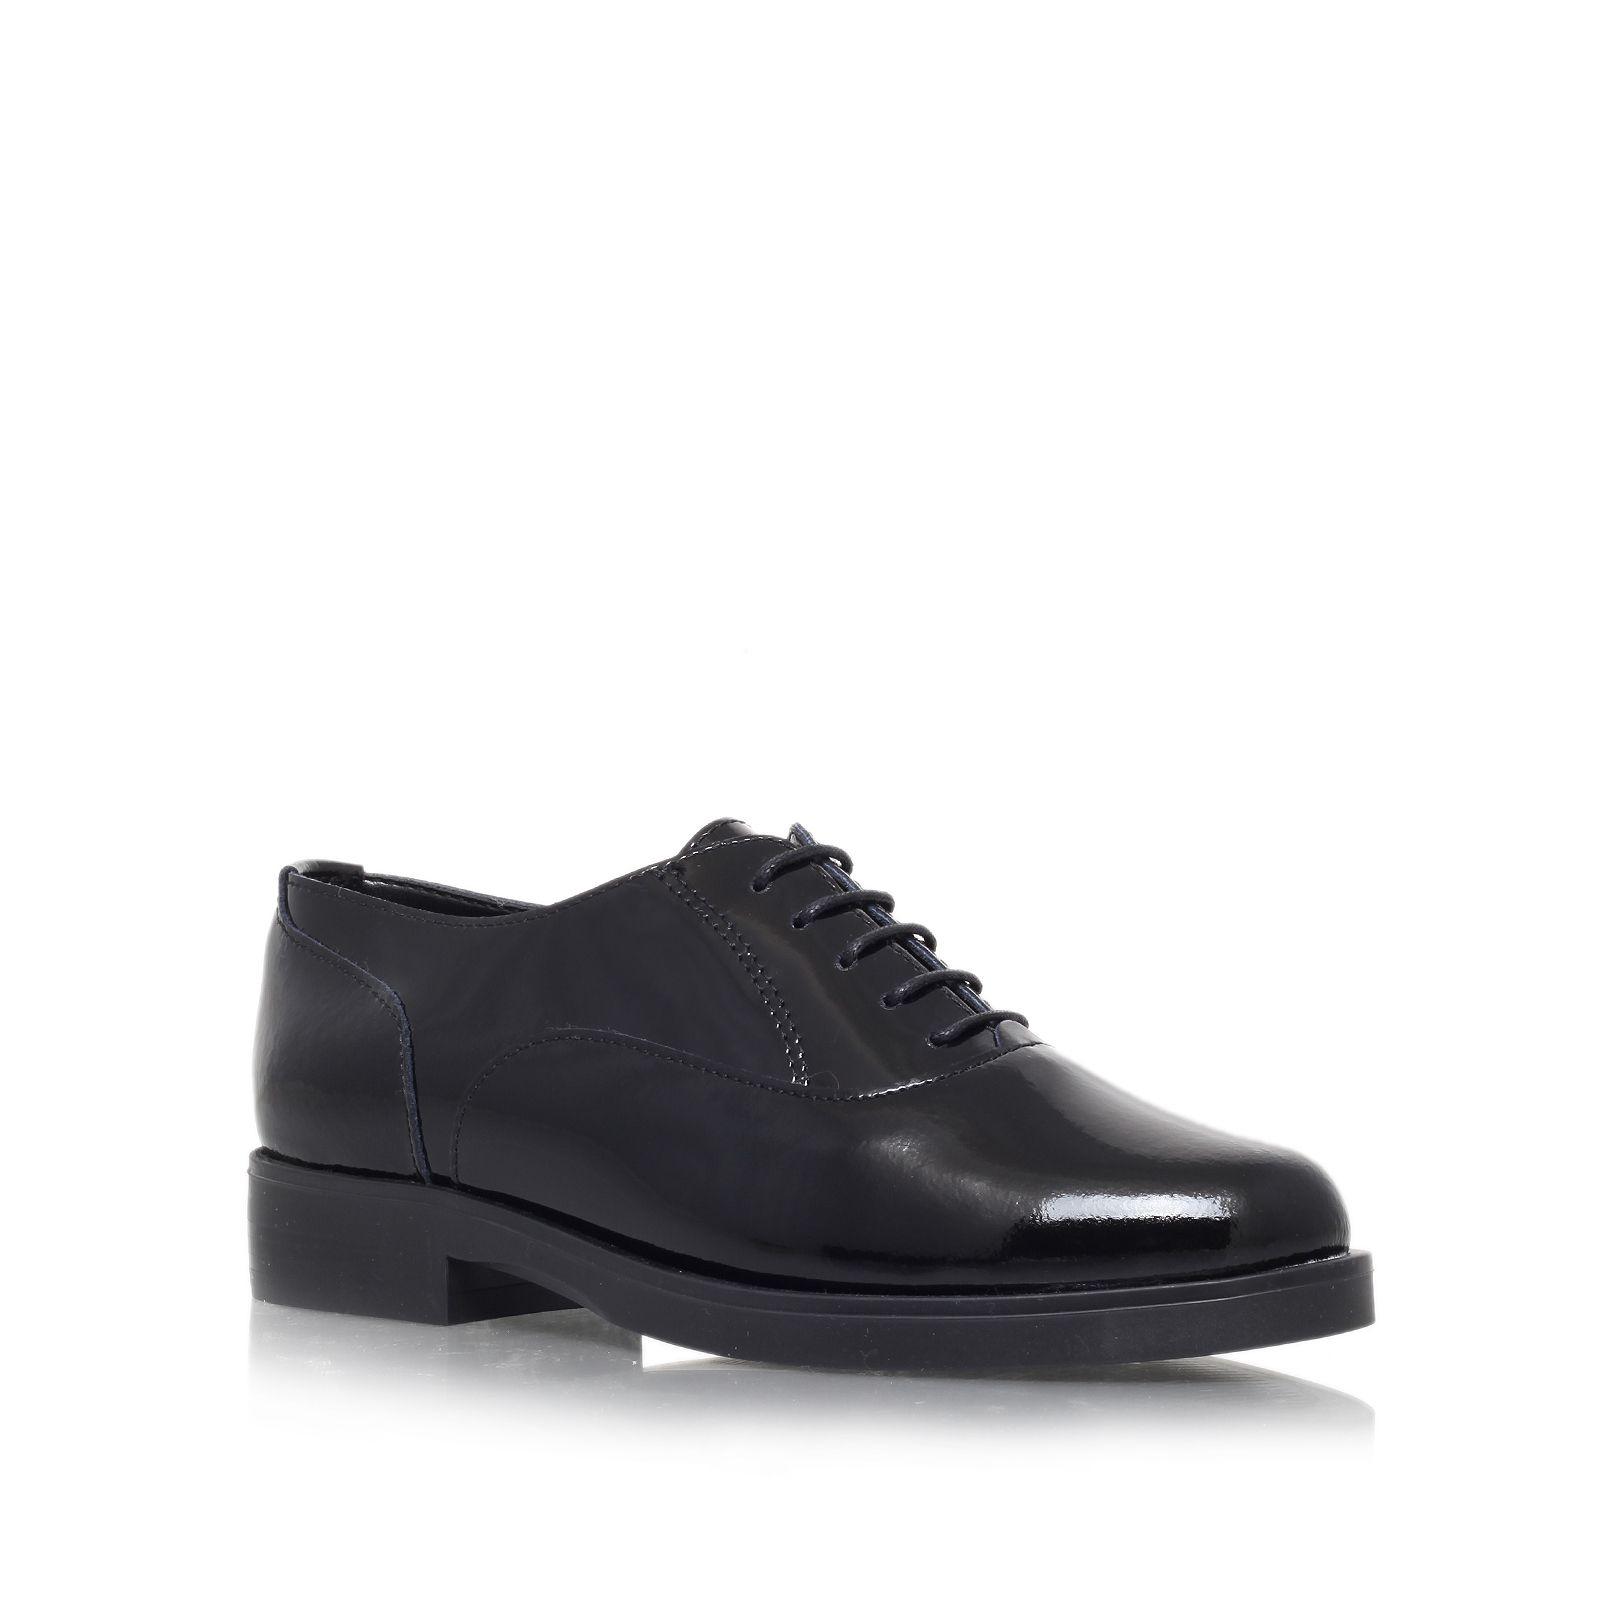 Carvela Kurt Geiger Listen Lace Up Shoes In Black For Men | Lyst